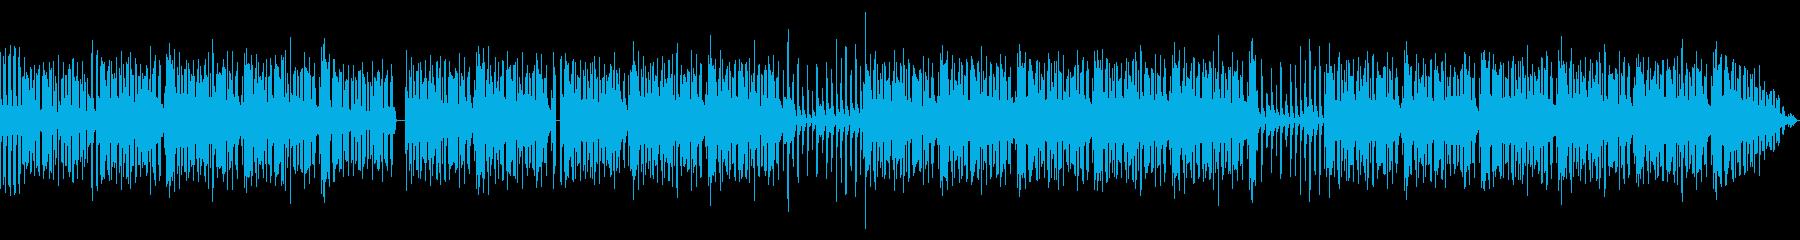 ヒップホップ楽器。自信に満ちた溝加工。の再生済みの波形